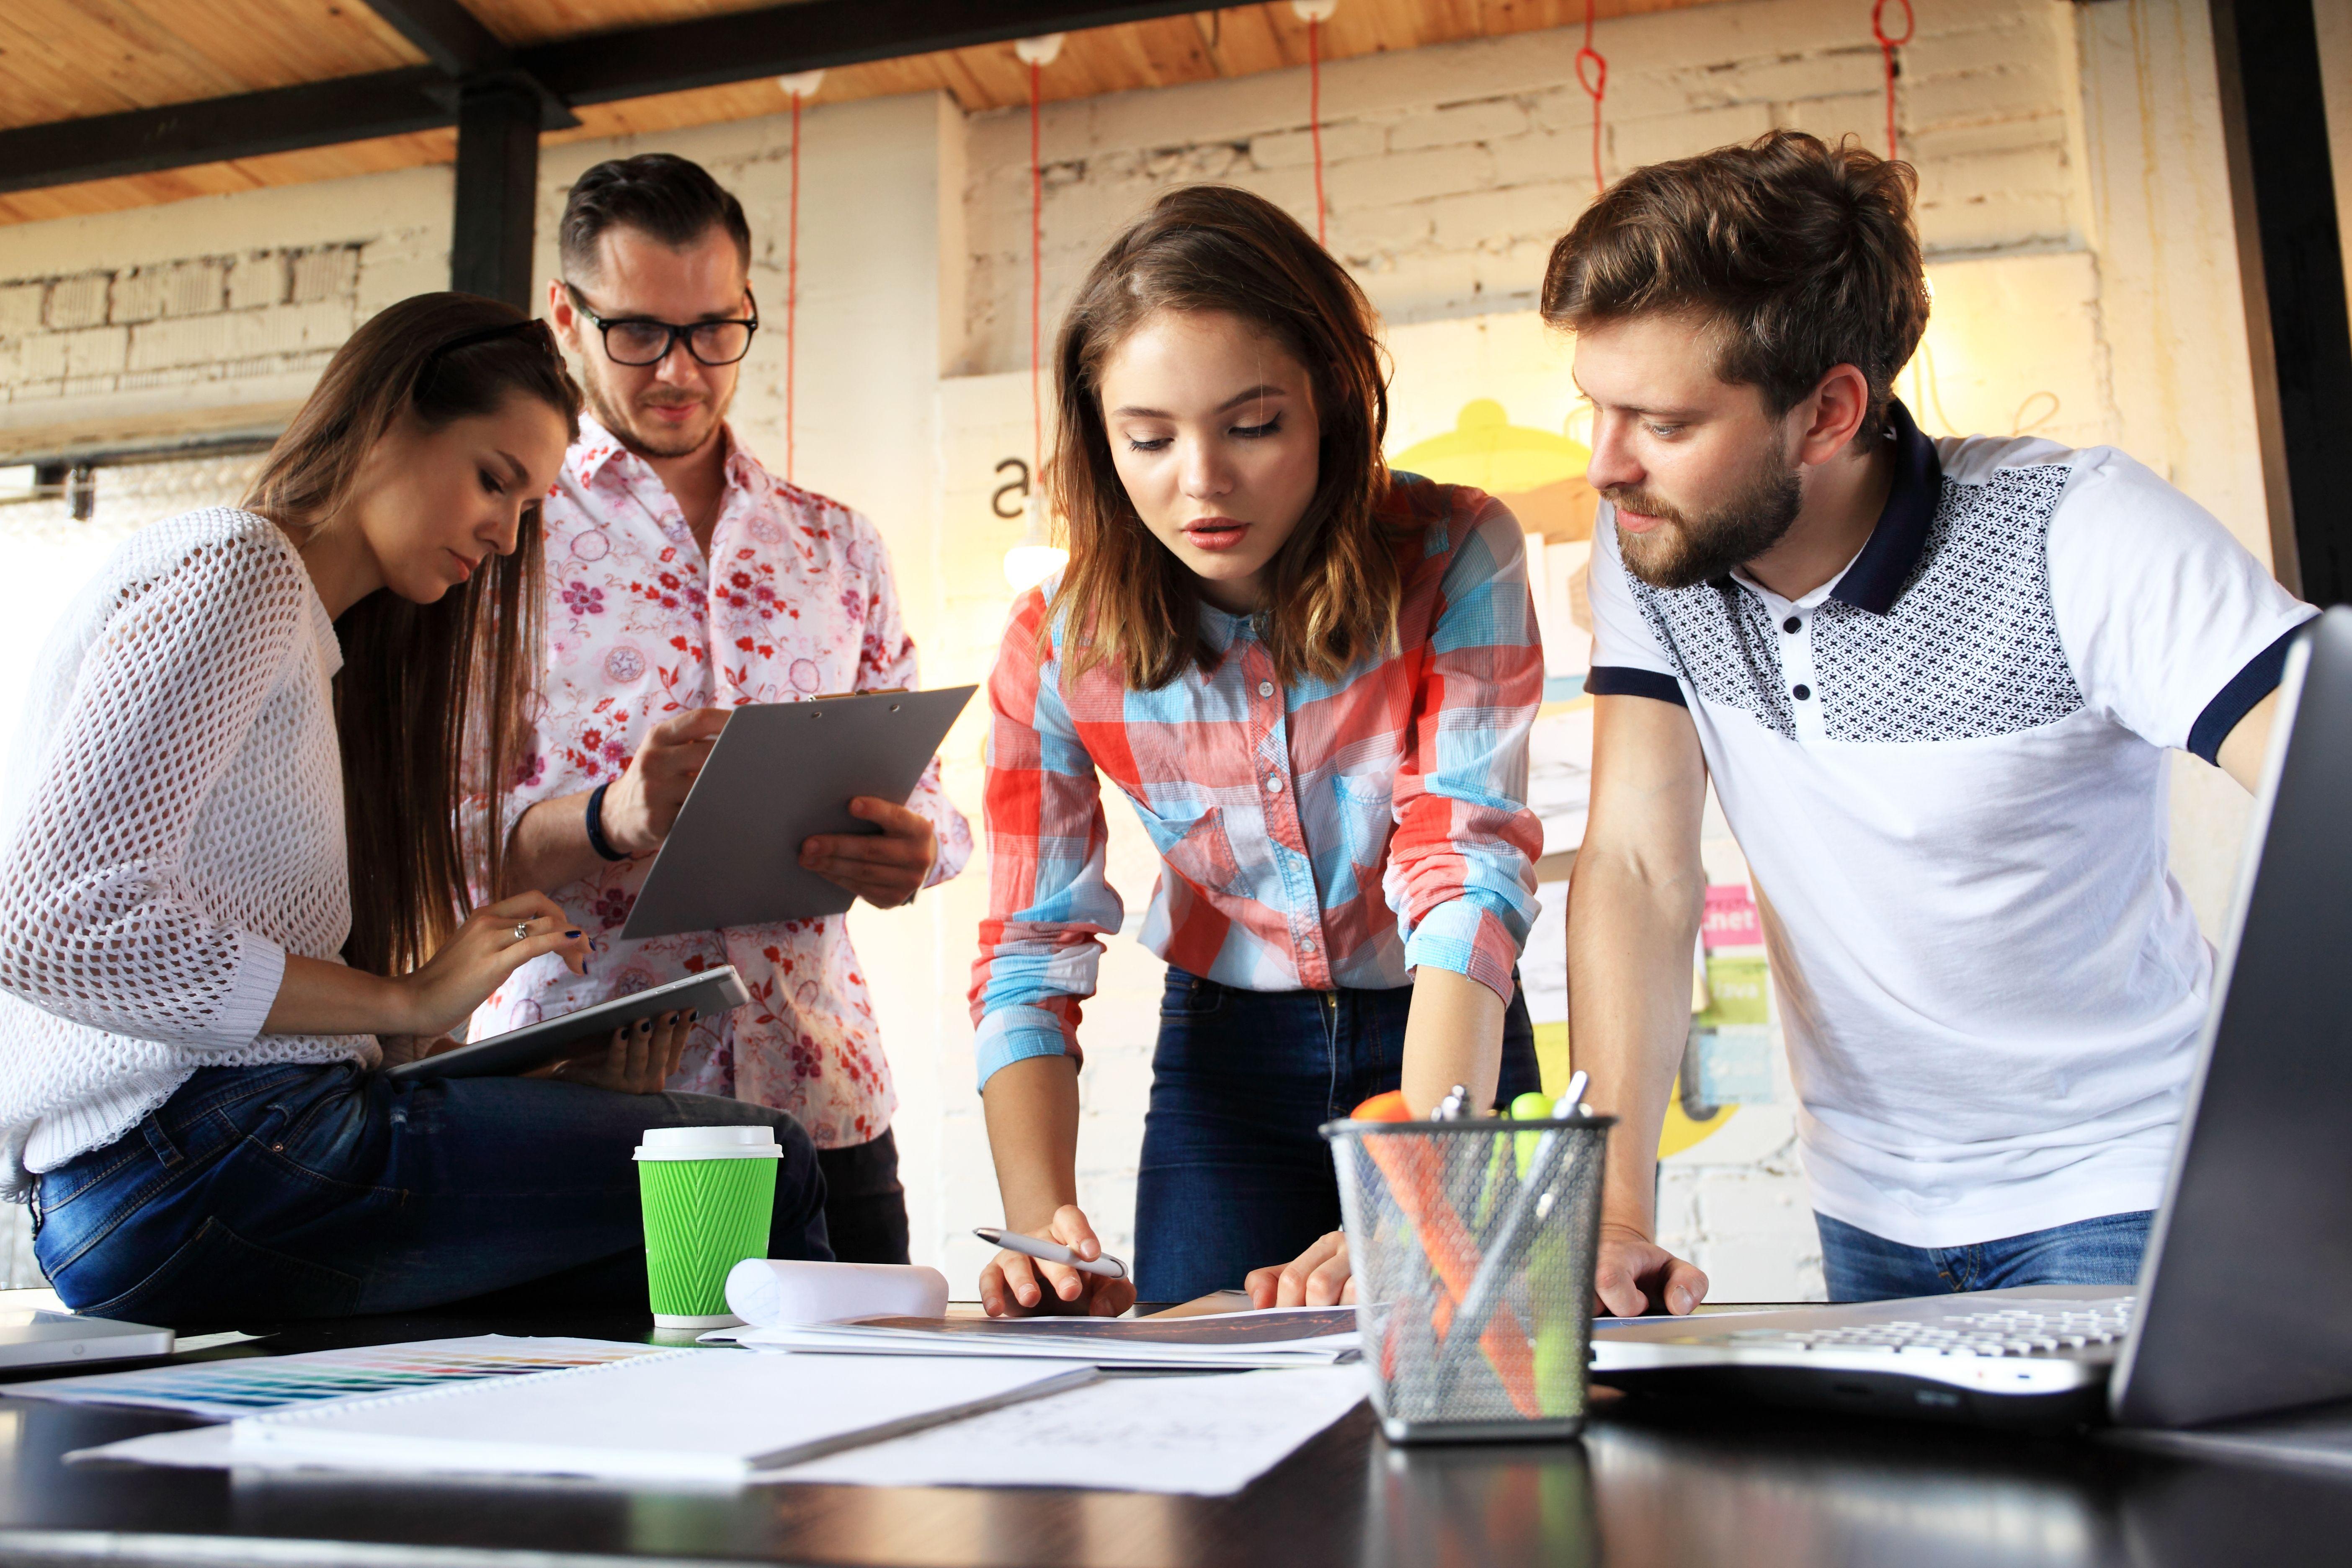 Z własnej woli najczęściej zmieniają pracę osoby będące obecnie między 18 a 35 rokiem życia. (Fot. Shutterstock)